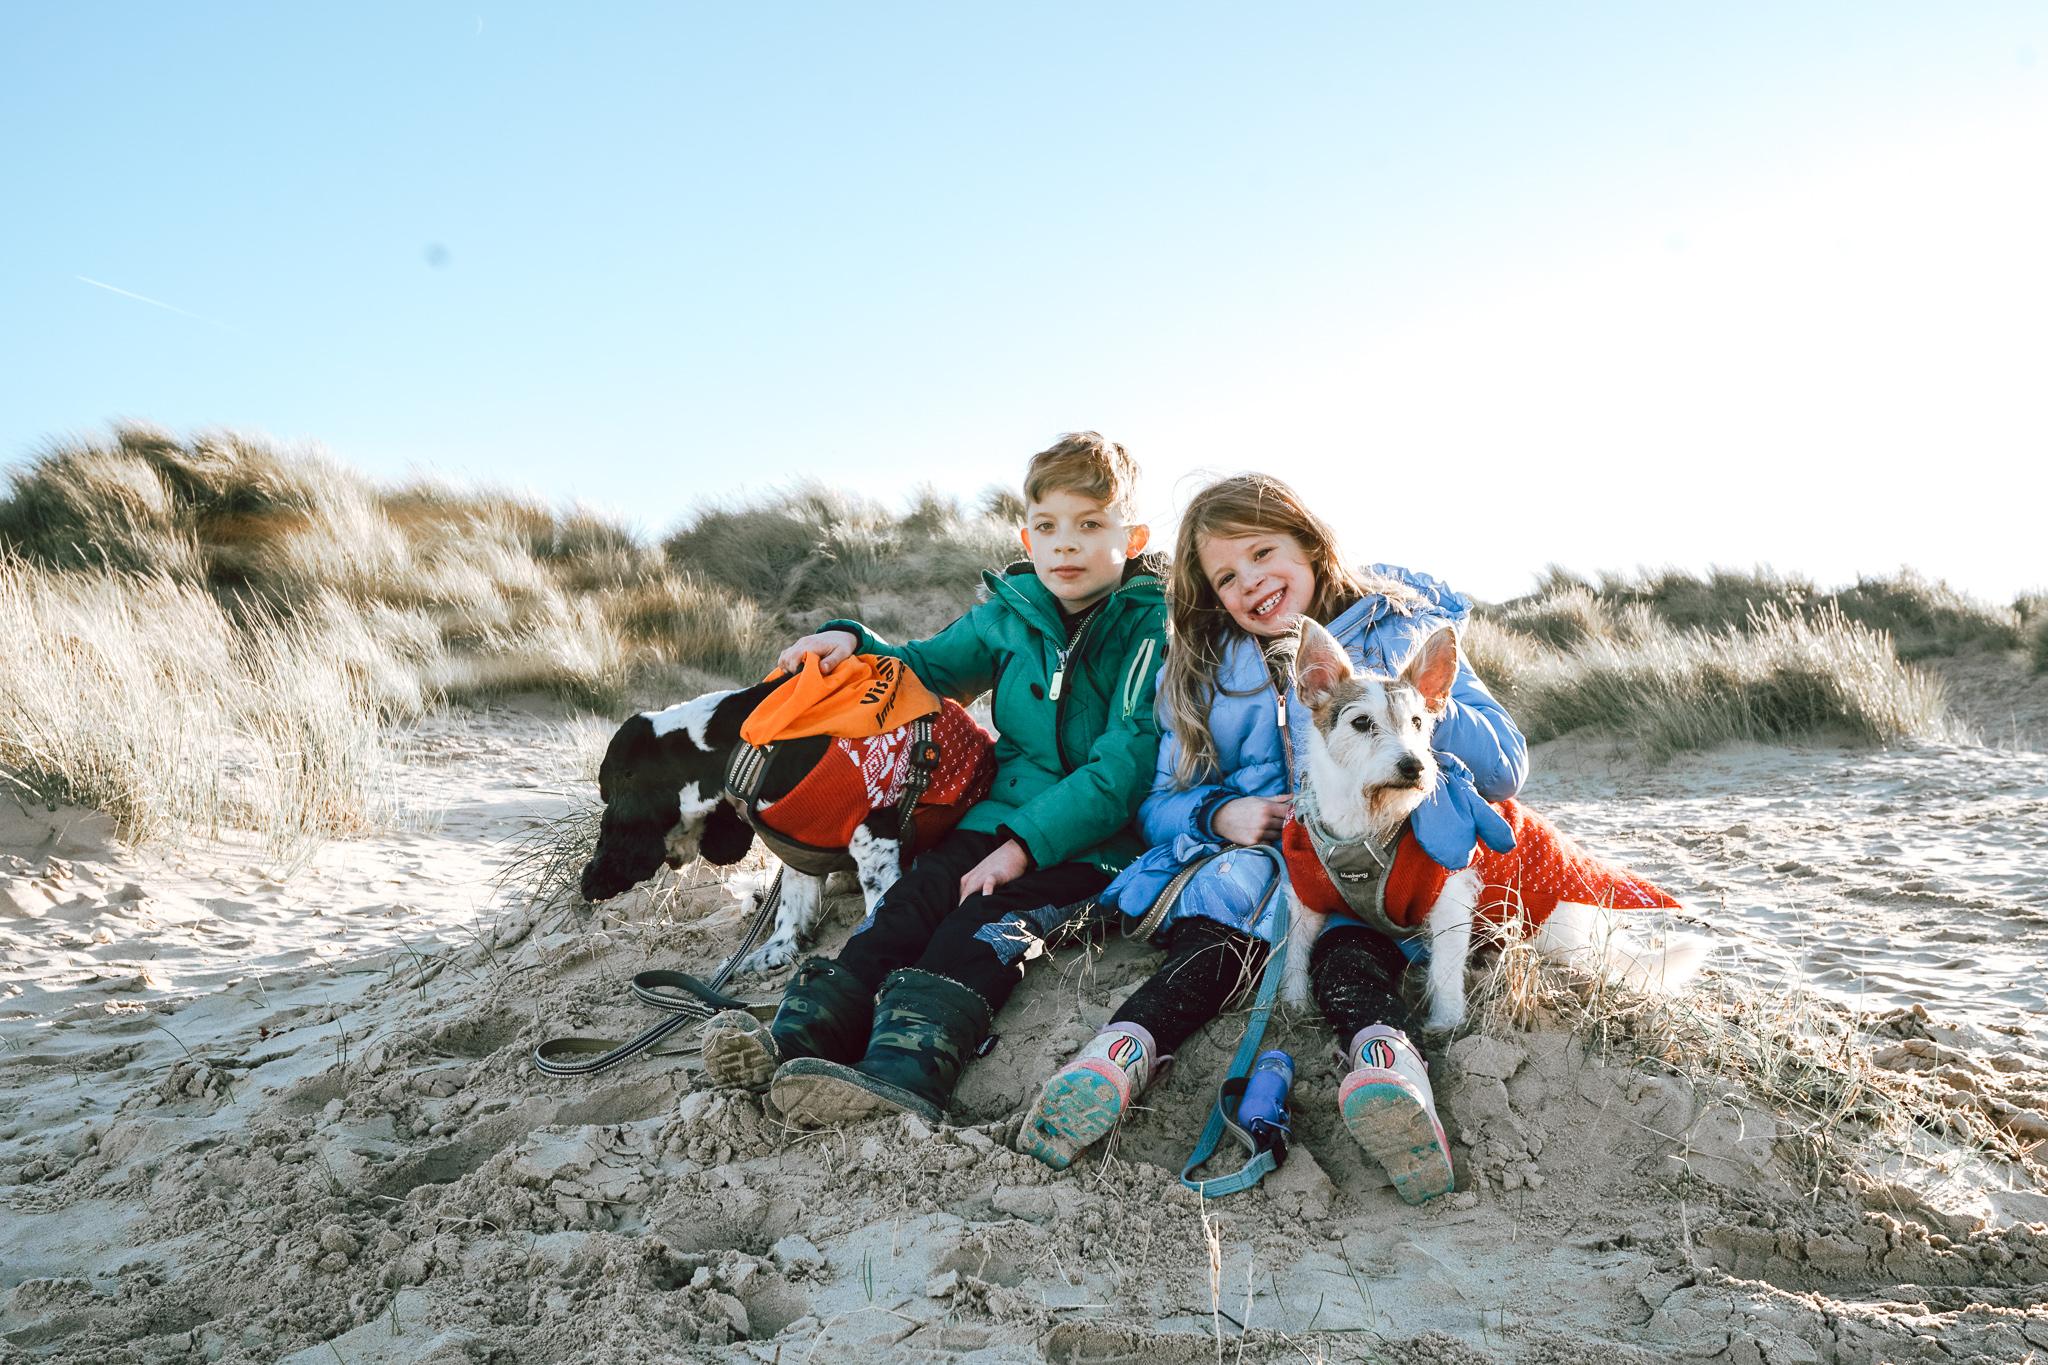 Siblings beach day